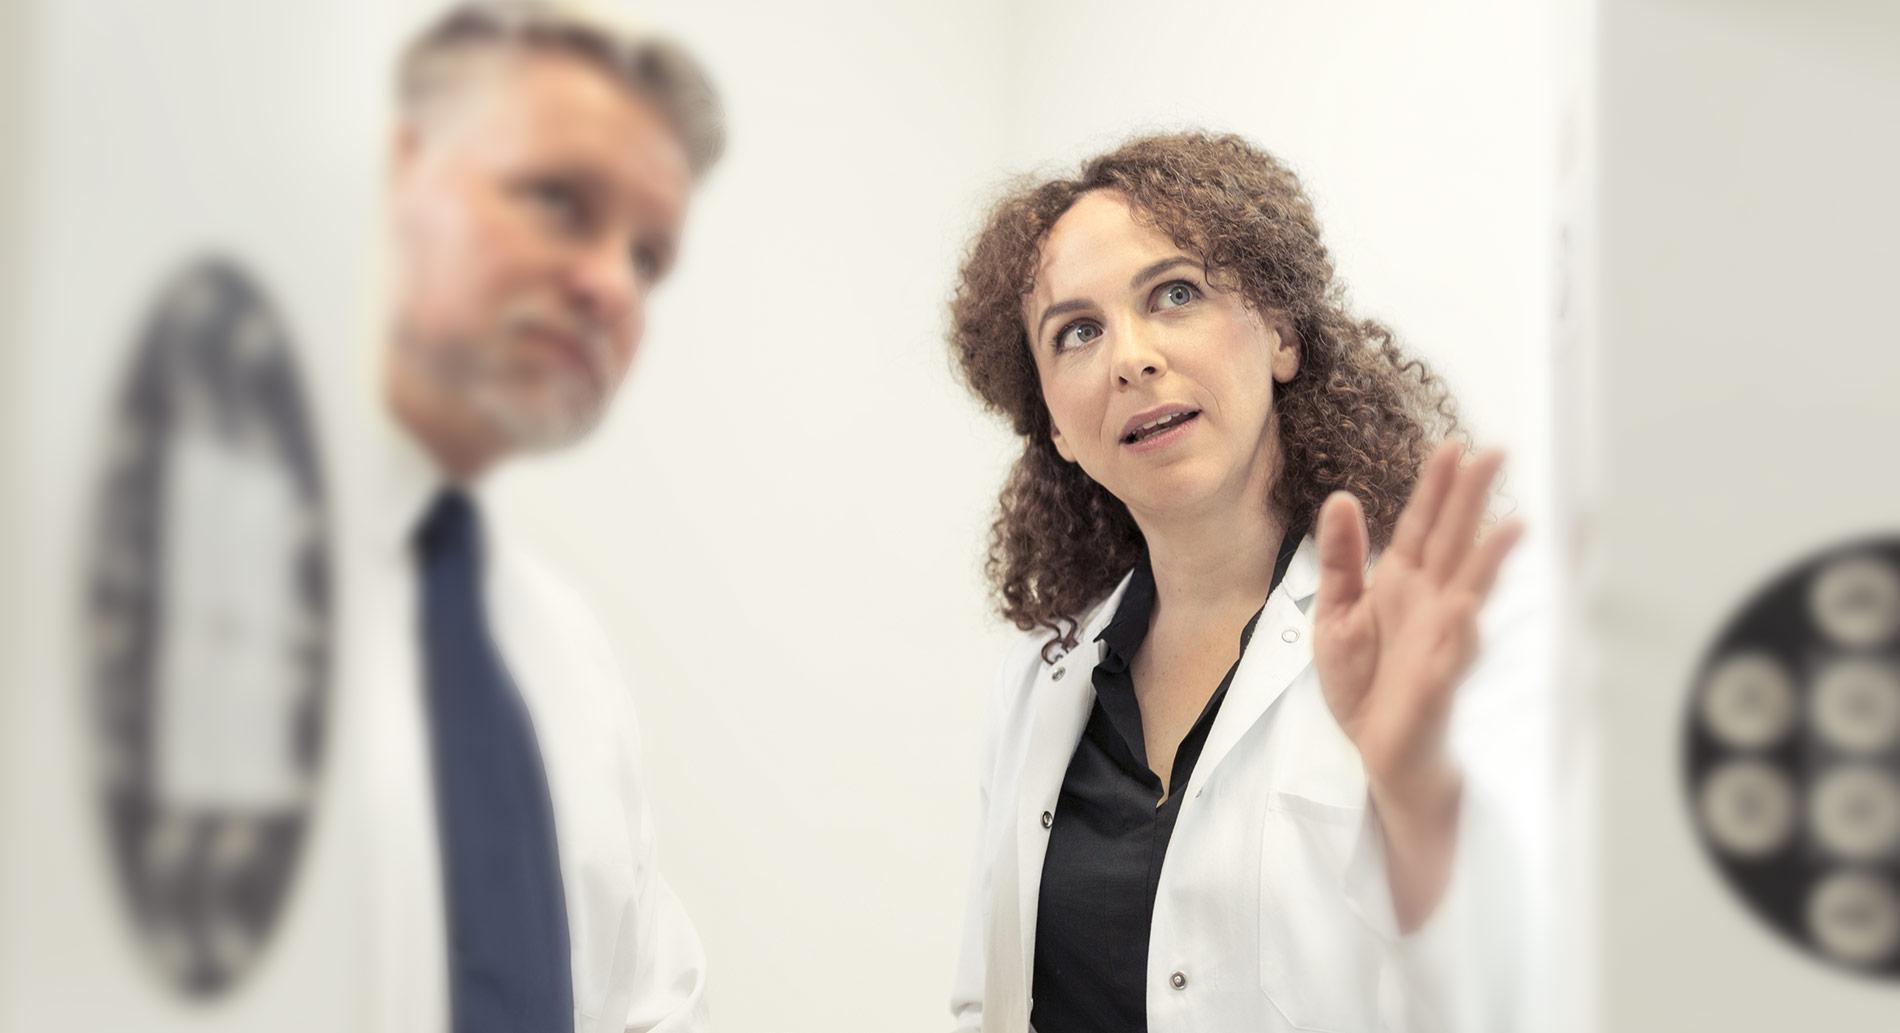 Dermatologie im Isarklinikum - Dr. med. Ilana Goldscheider